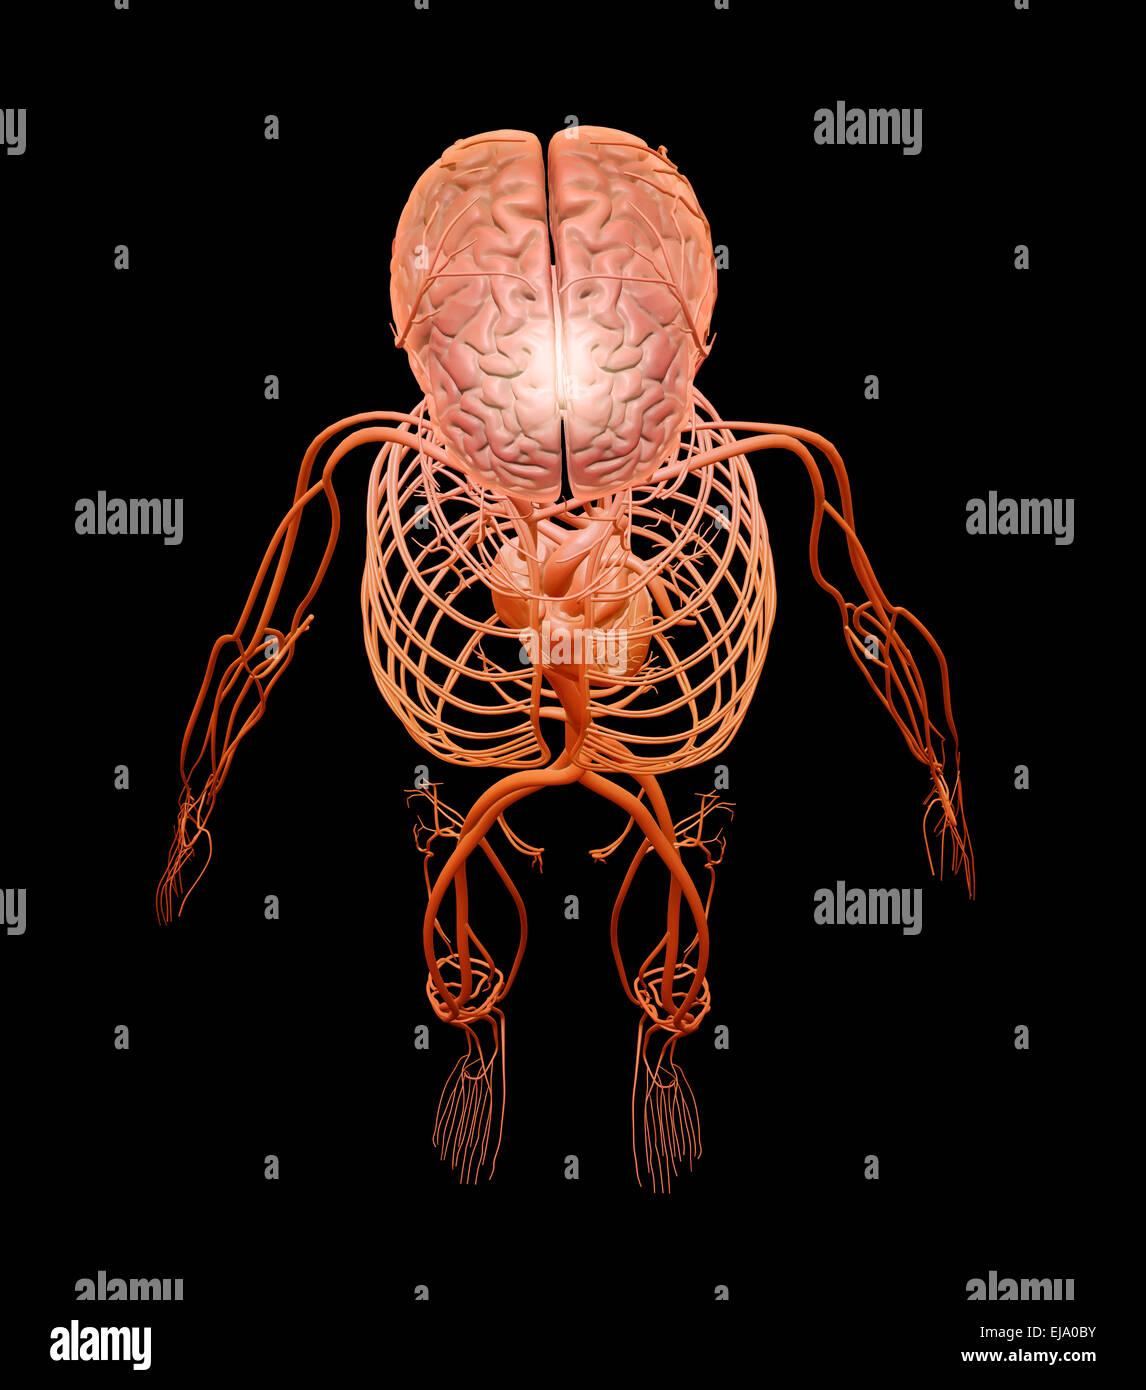 Menschliche Anatomie-Illustration - zentrale Nervensystem und Herz ...